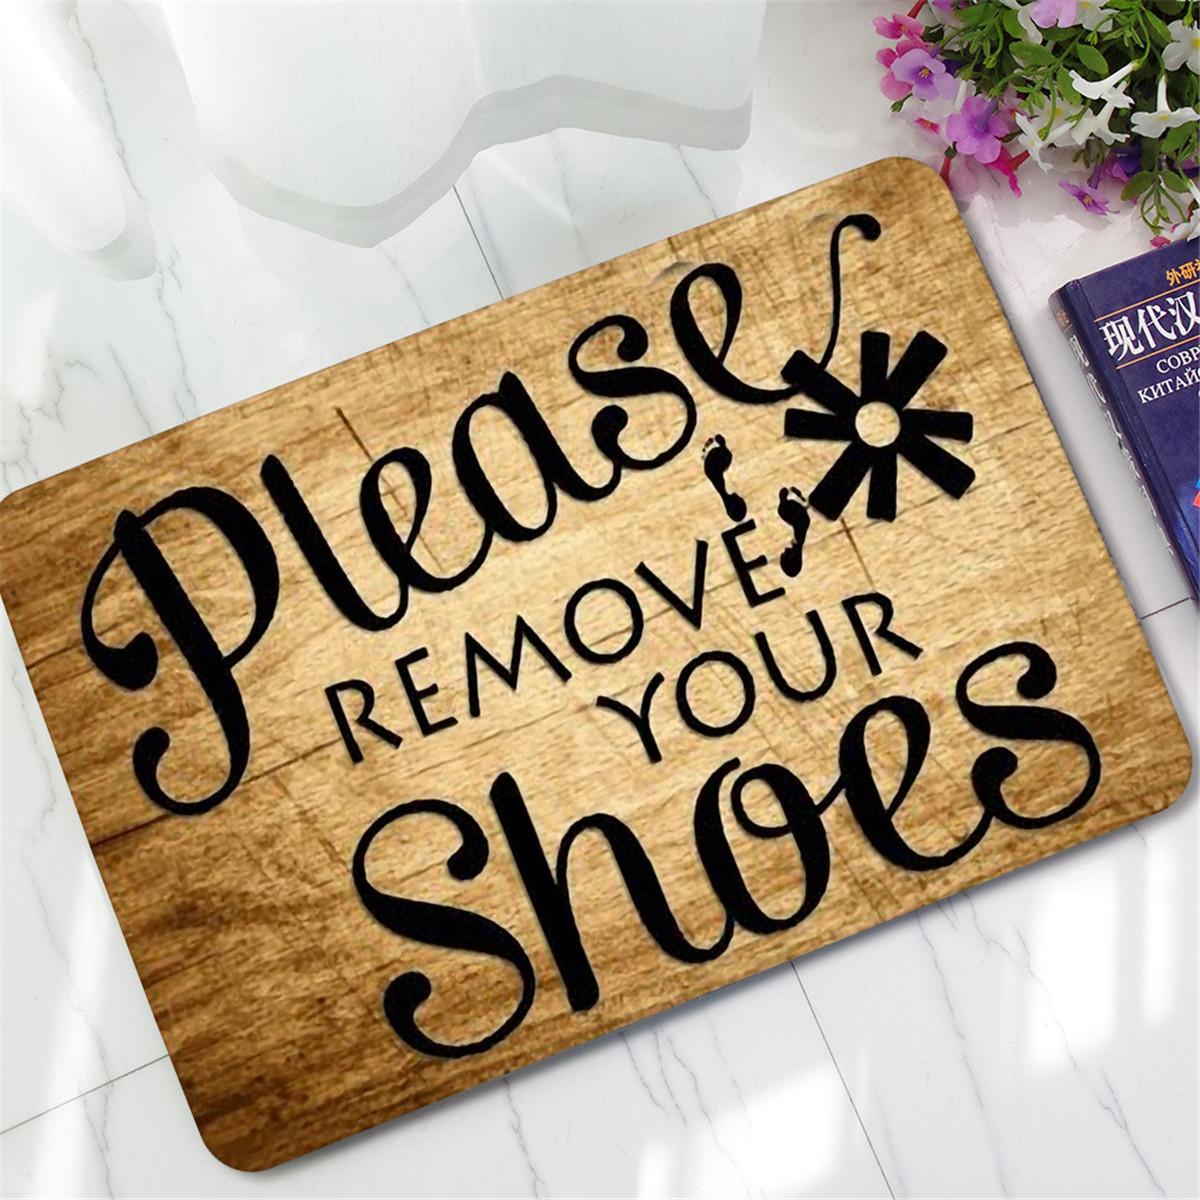 Doormat please remove shoes doormat images Funny Please Remove Your Shoes Doormat Carpet Rubber Non Slip ...